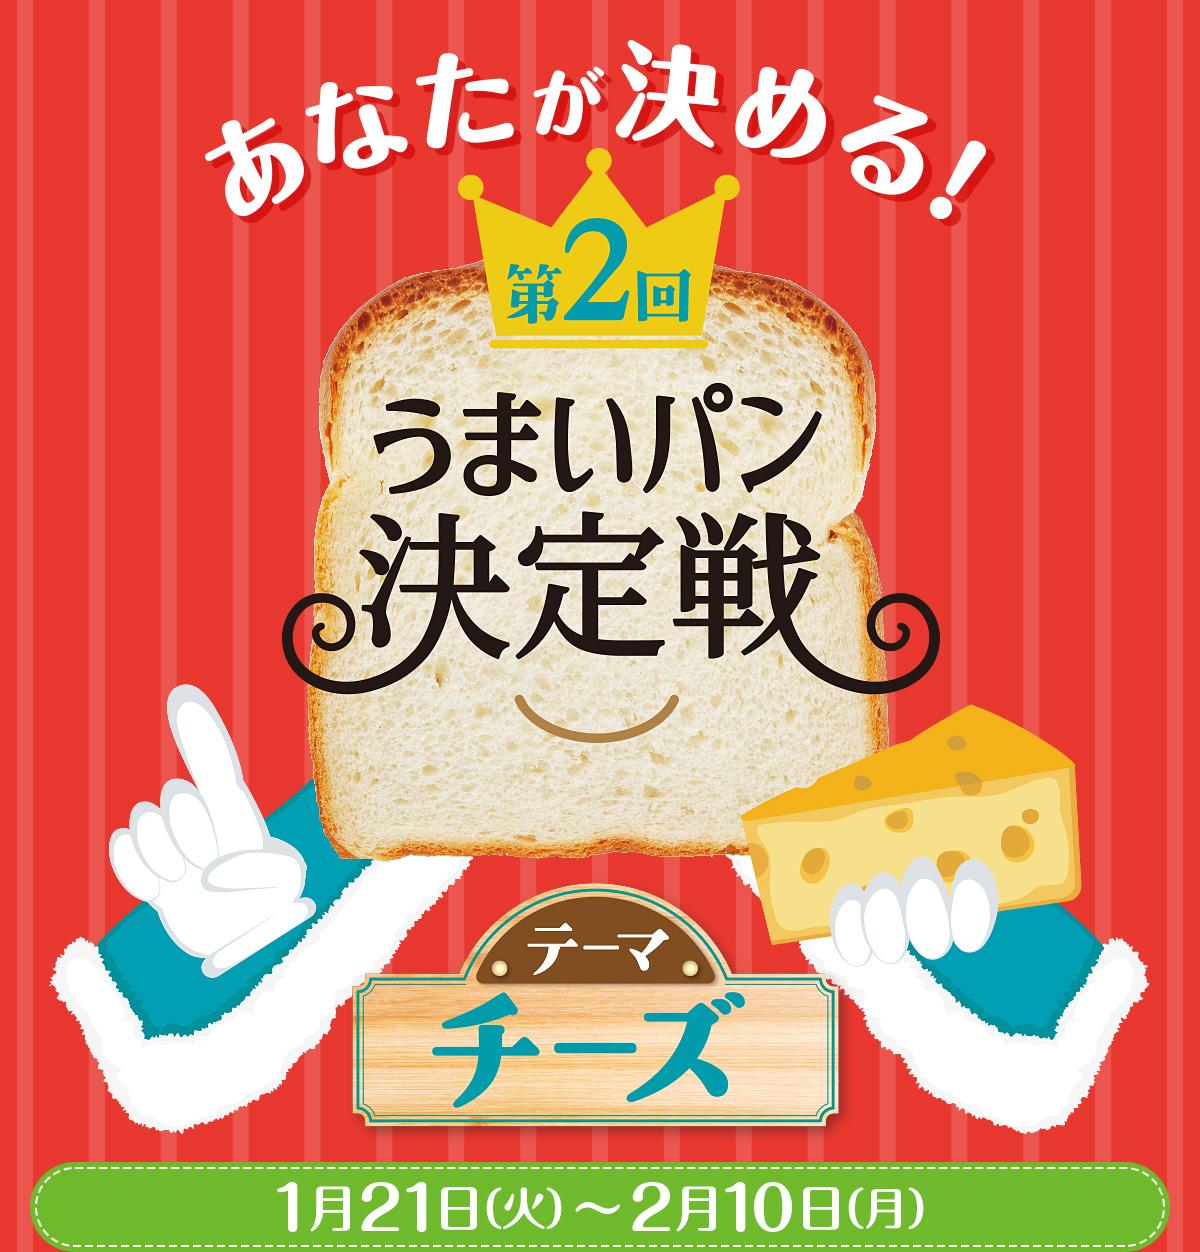 あなたが決める! 第2回うまいパン決定戦 テーマ【チーズ】 1月21日(火)~2月10日(月)